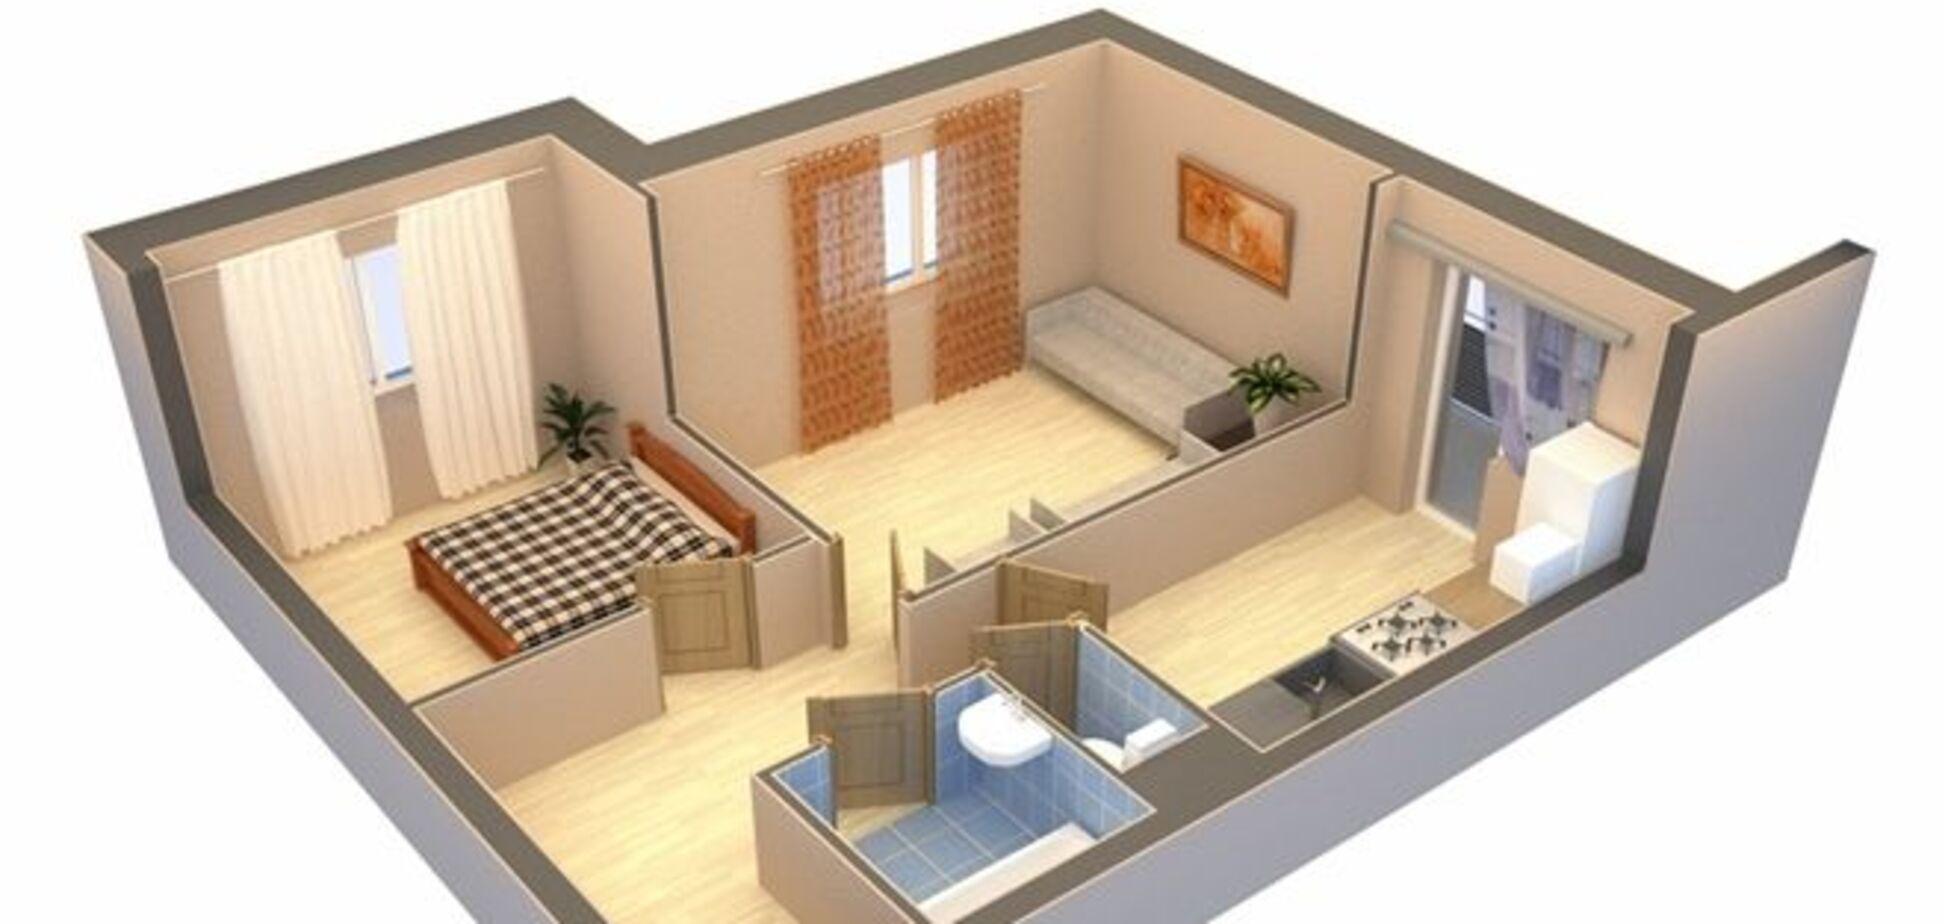 Перепланировка квартир - как сделать правильно. Консультация юриста